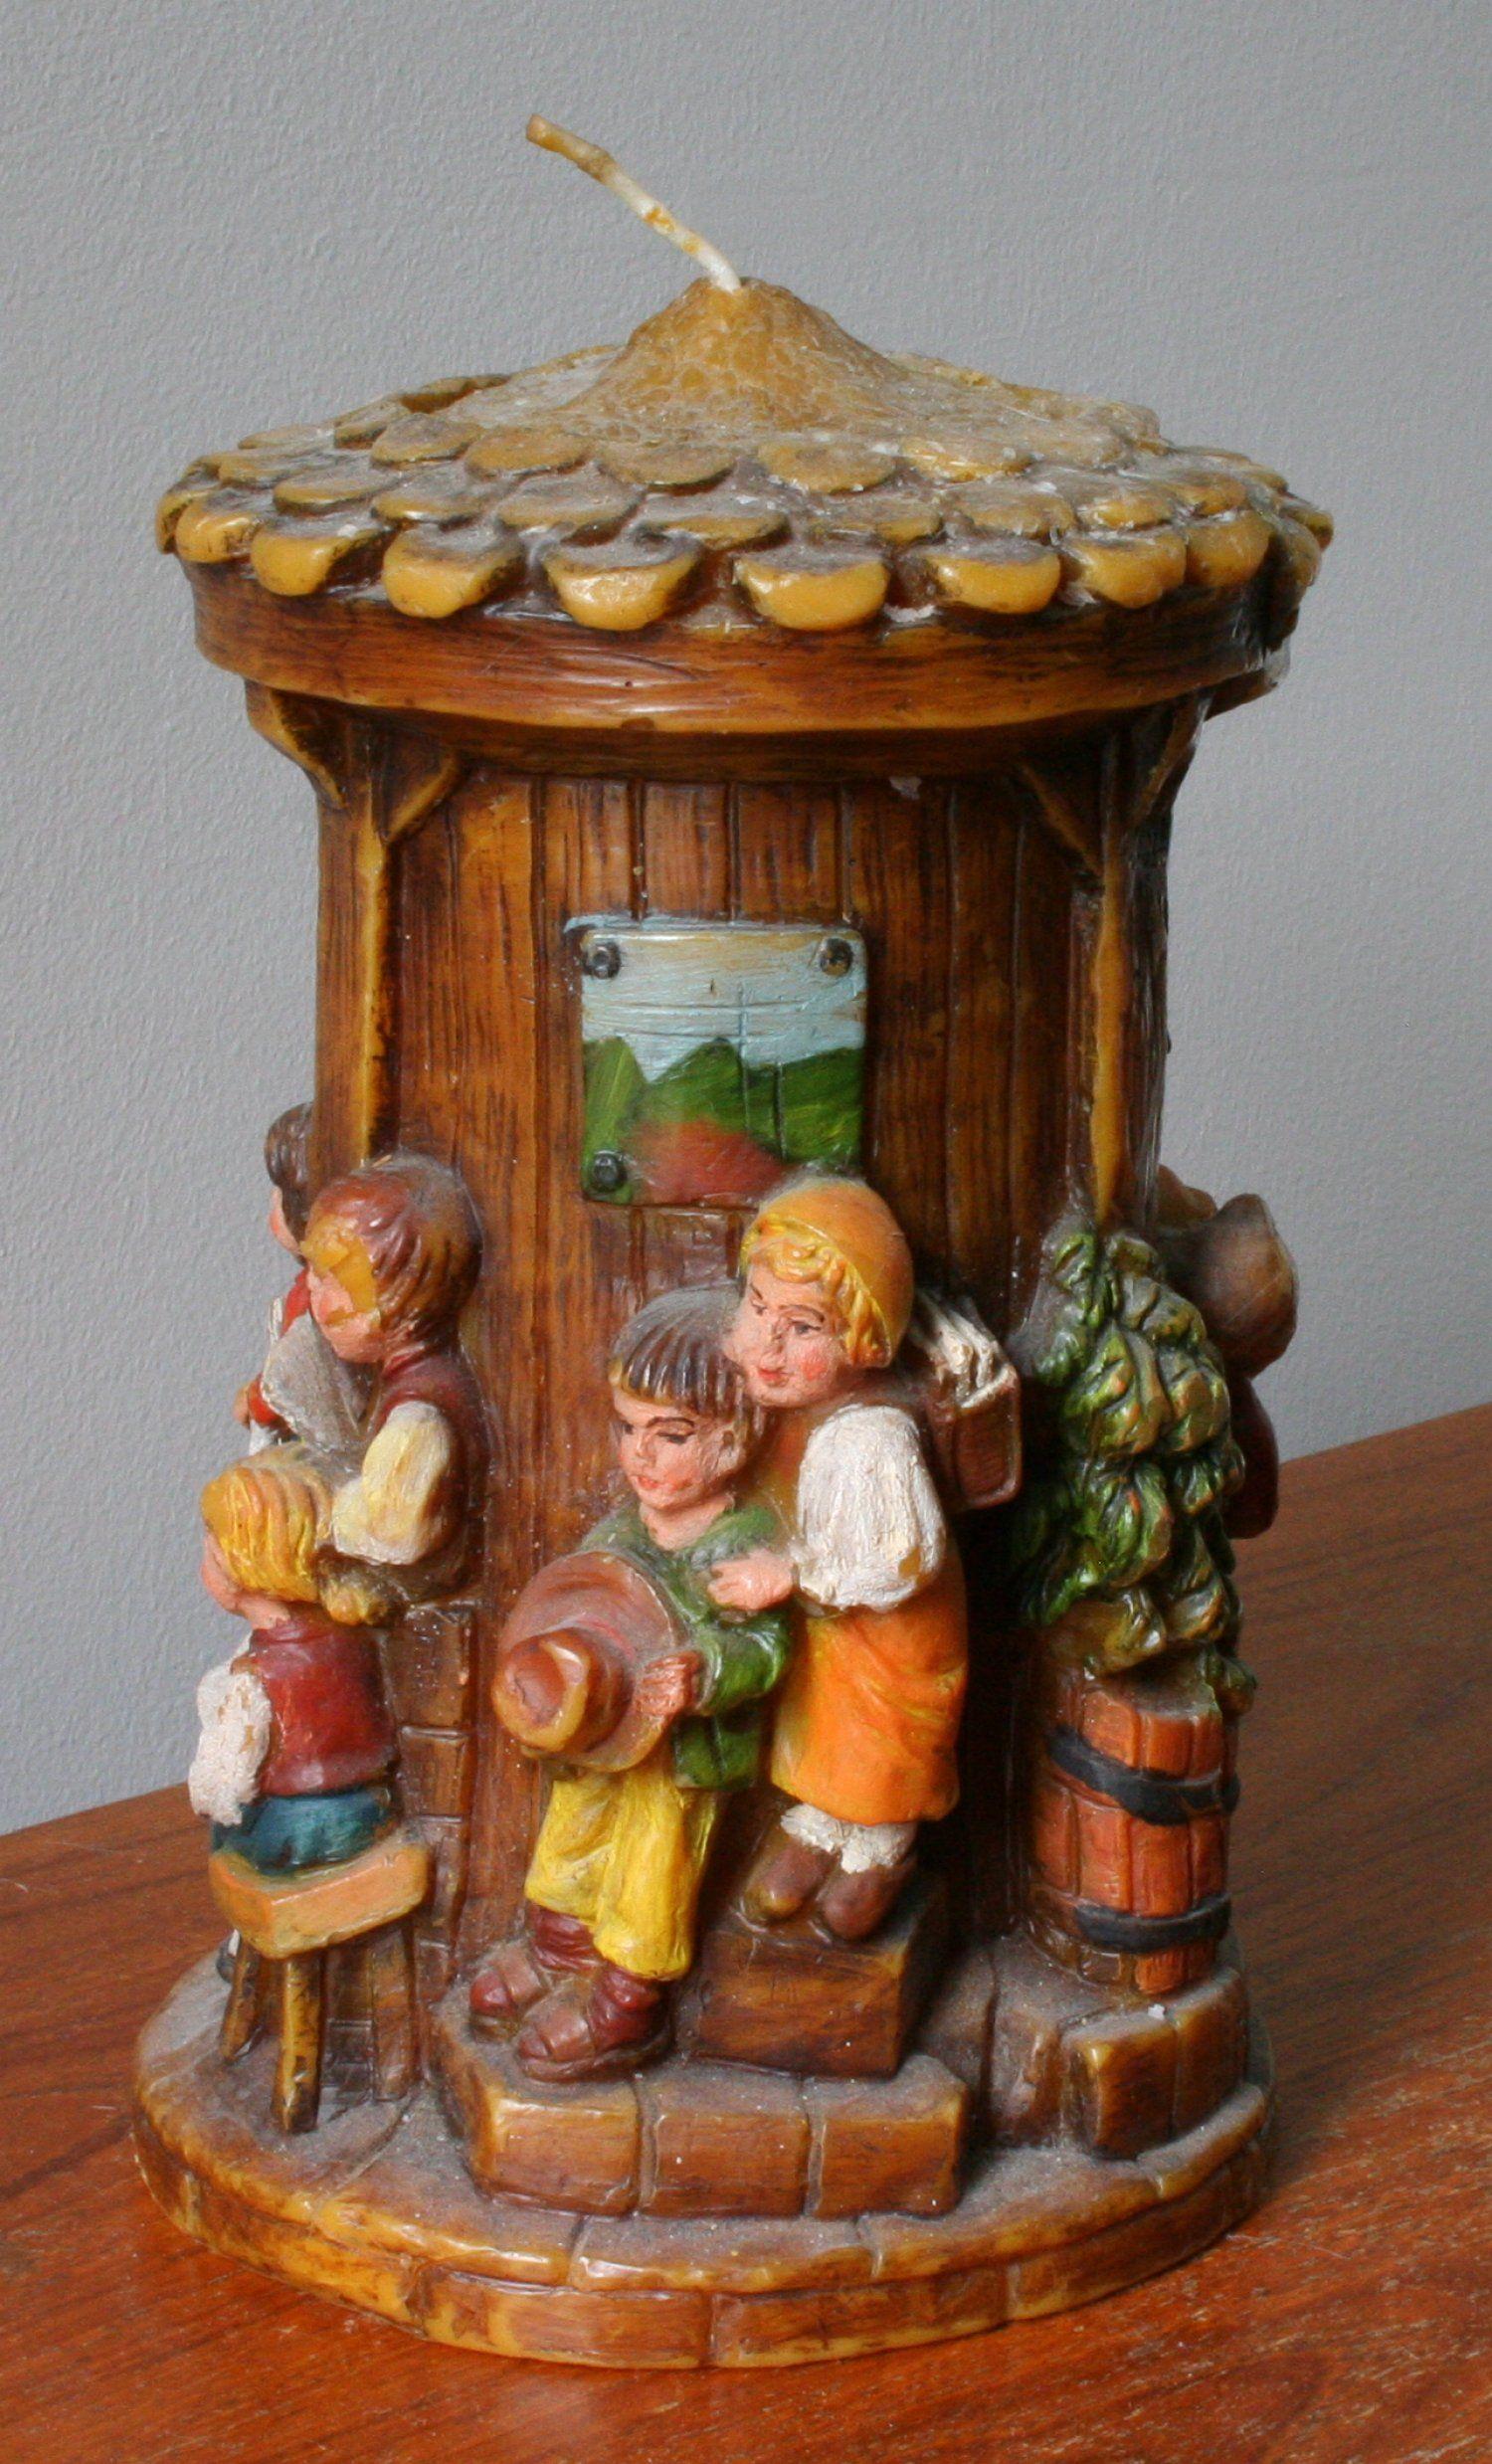 Carved easter candles Vintage German Decorative Eternal